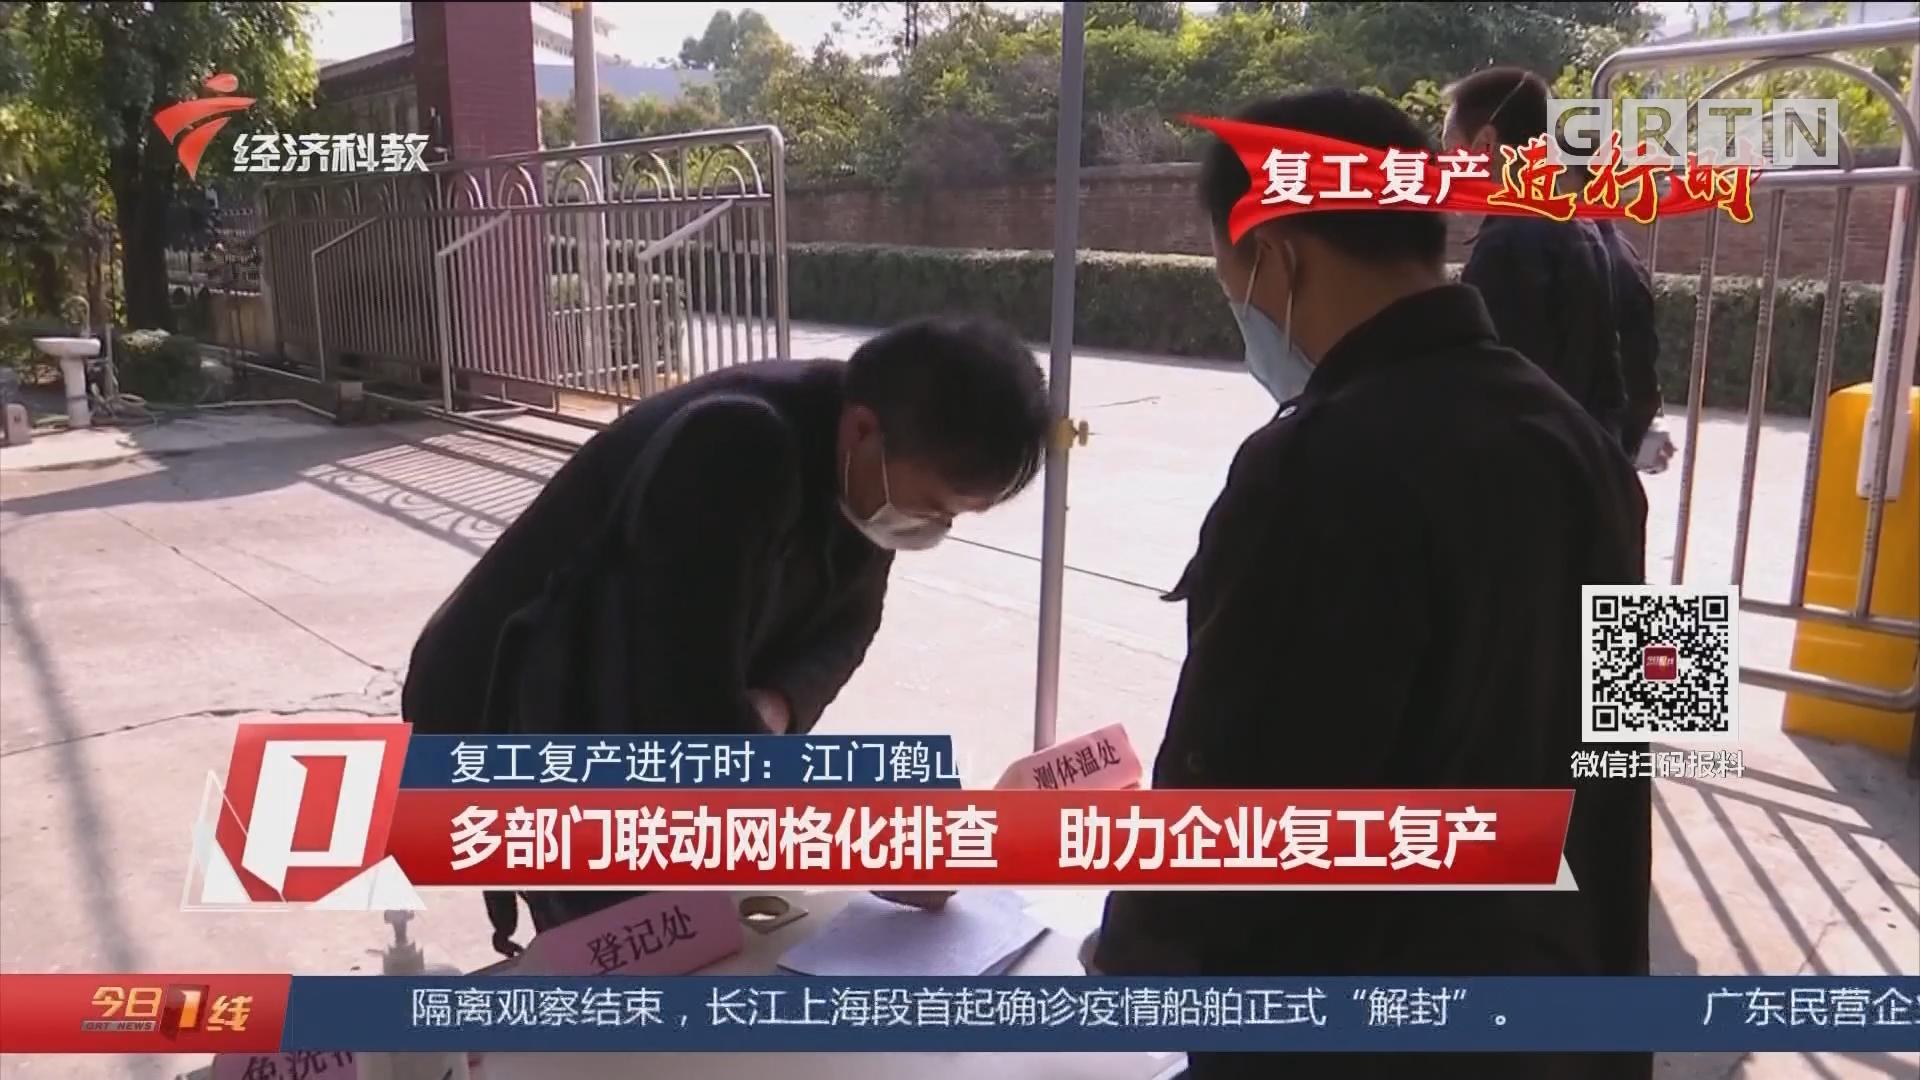 复工复产进行时:江门鹤山 多部门联动网格化排查 助力企业复工复产